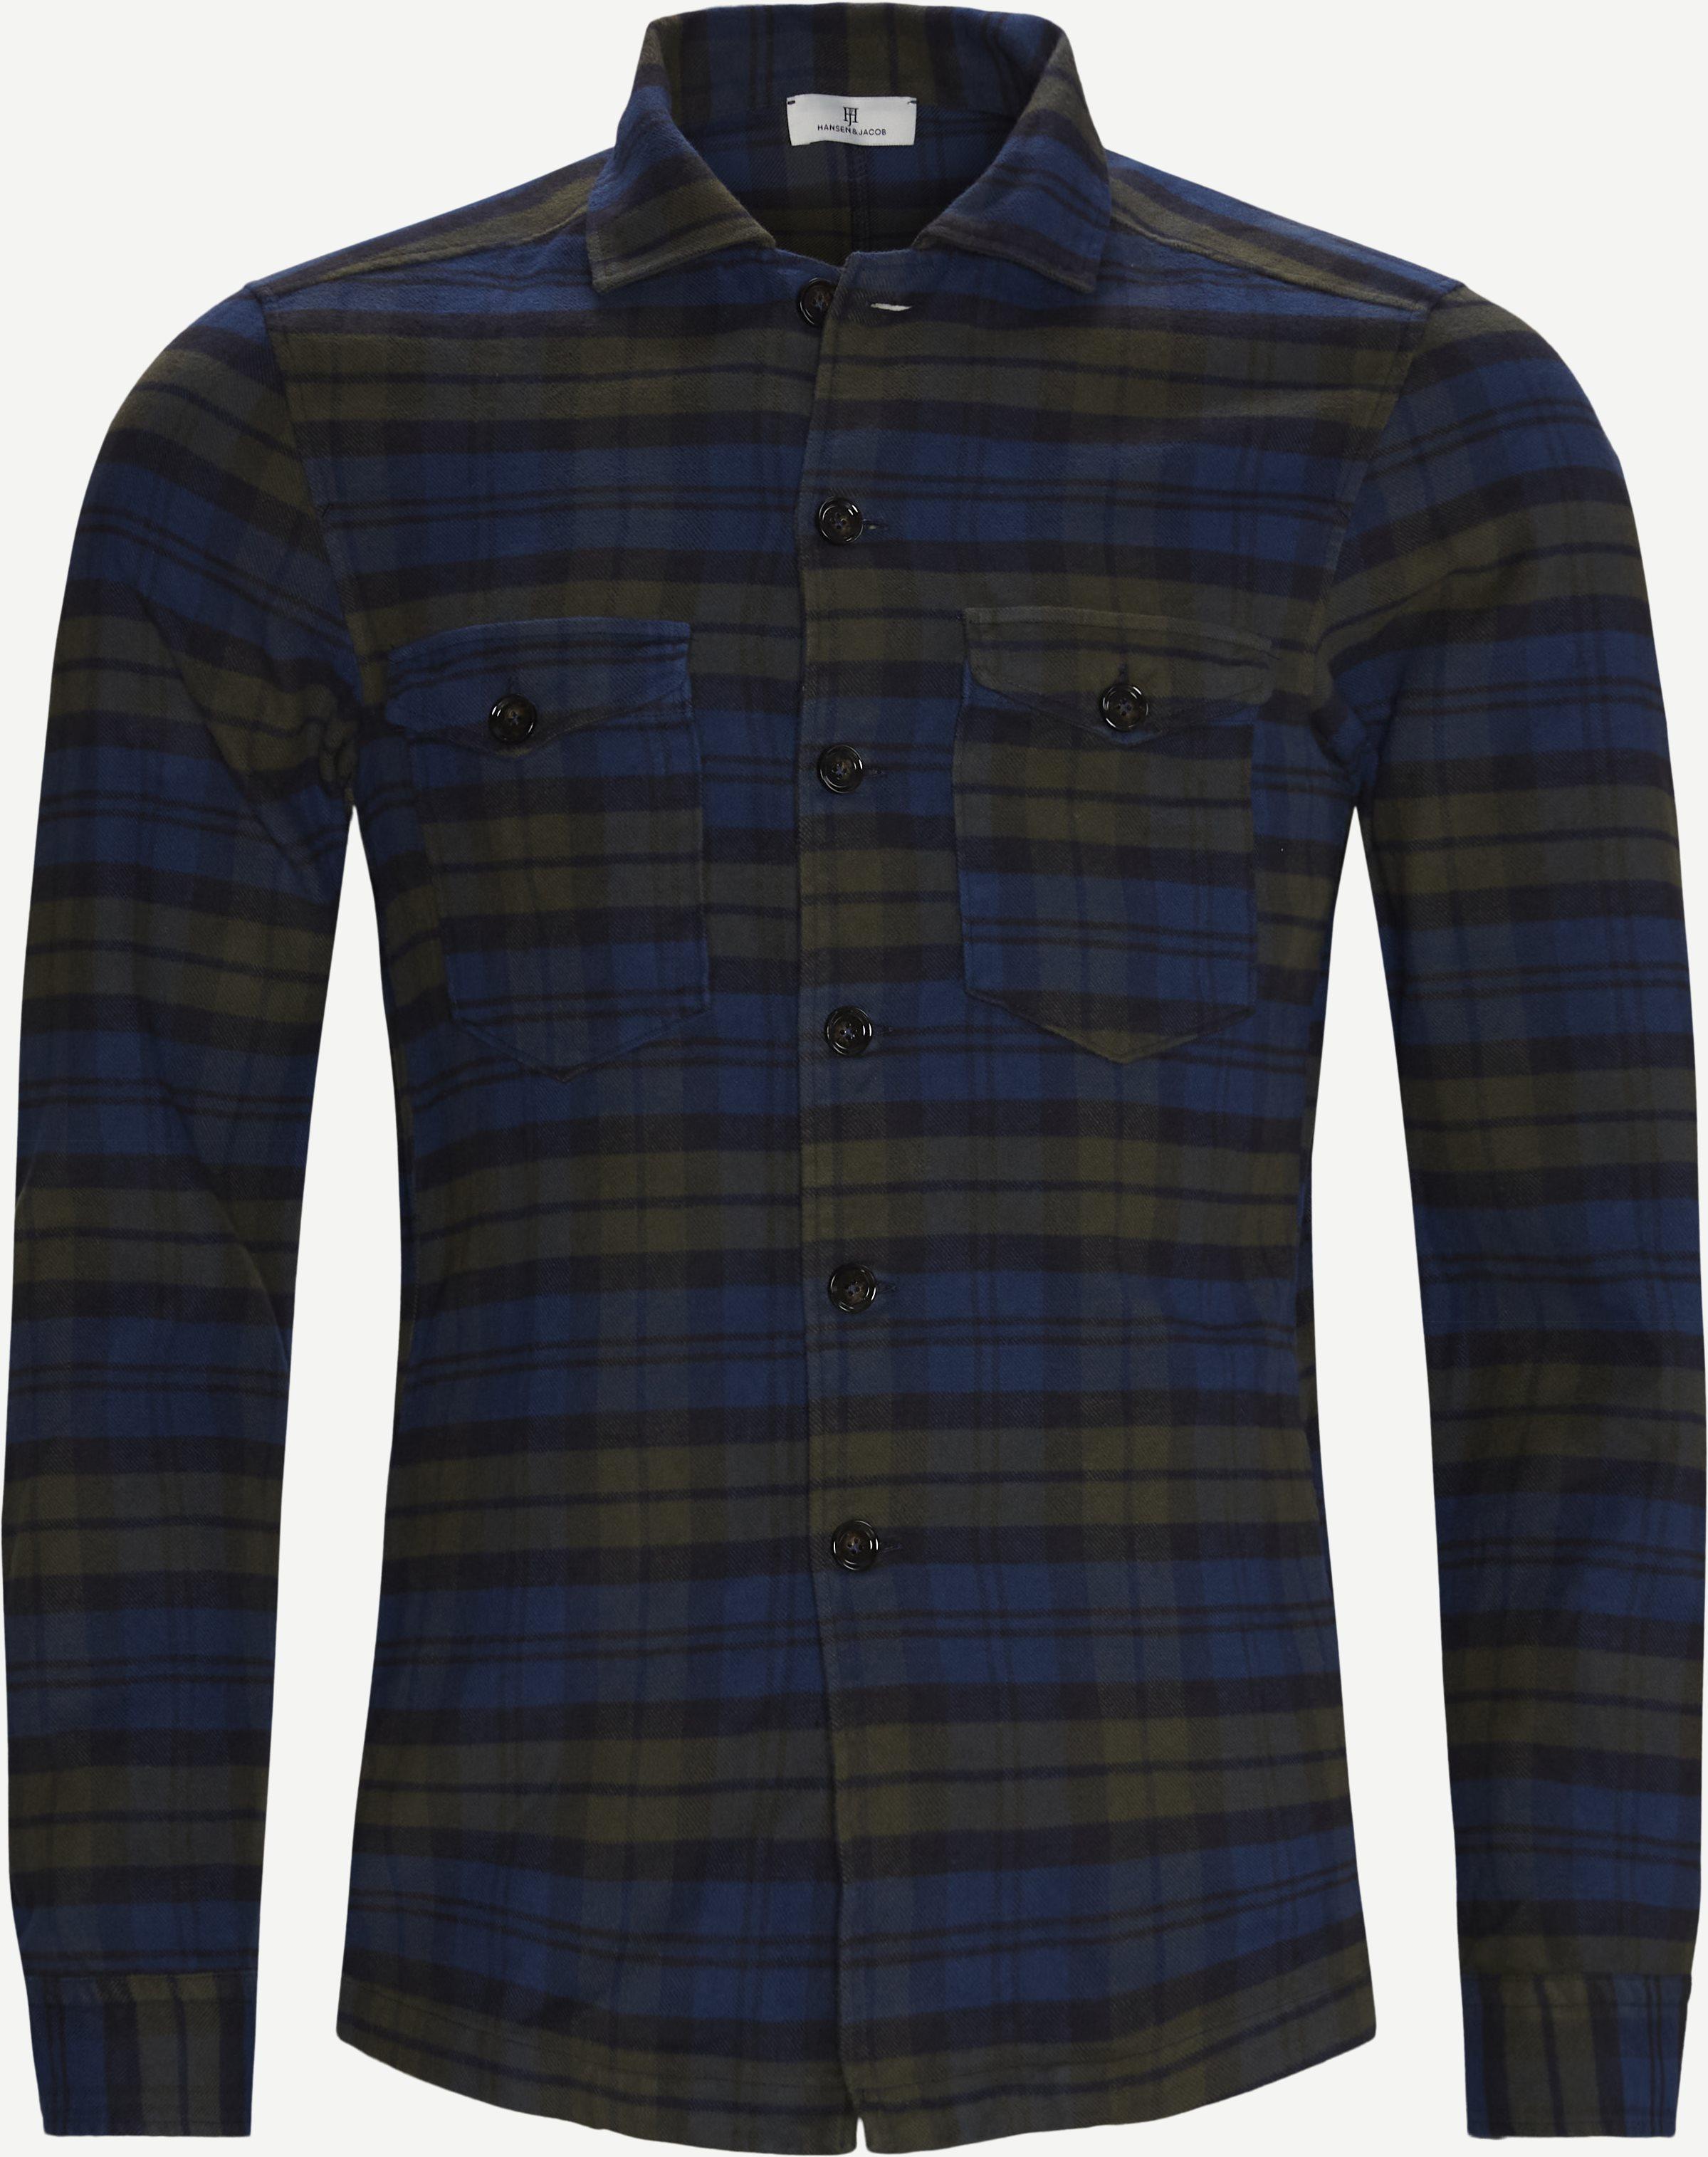 Spitalfield Overjacket - Skjortor - Regular - Blå